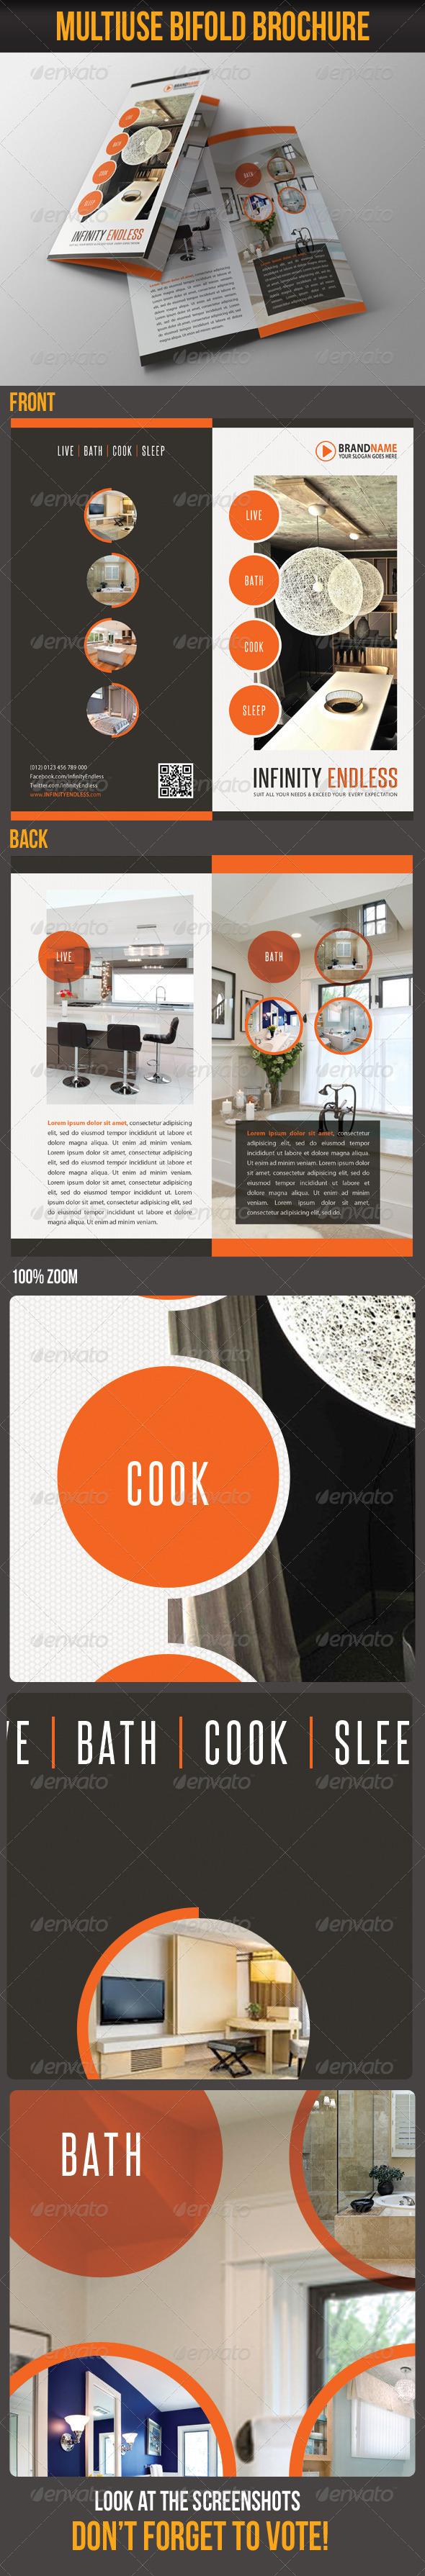 GraphicRiver Multiuse Bifold Brochure 23 6114039